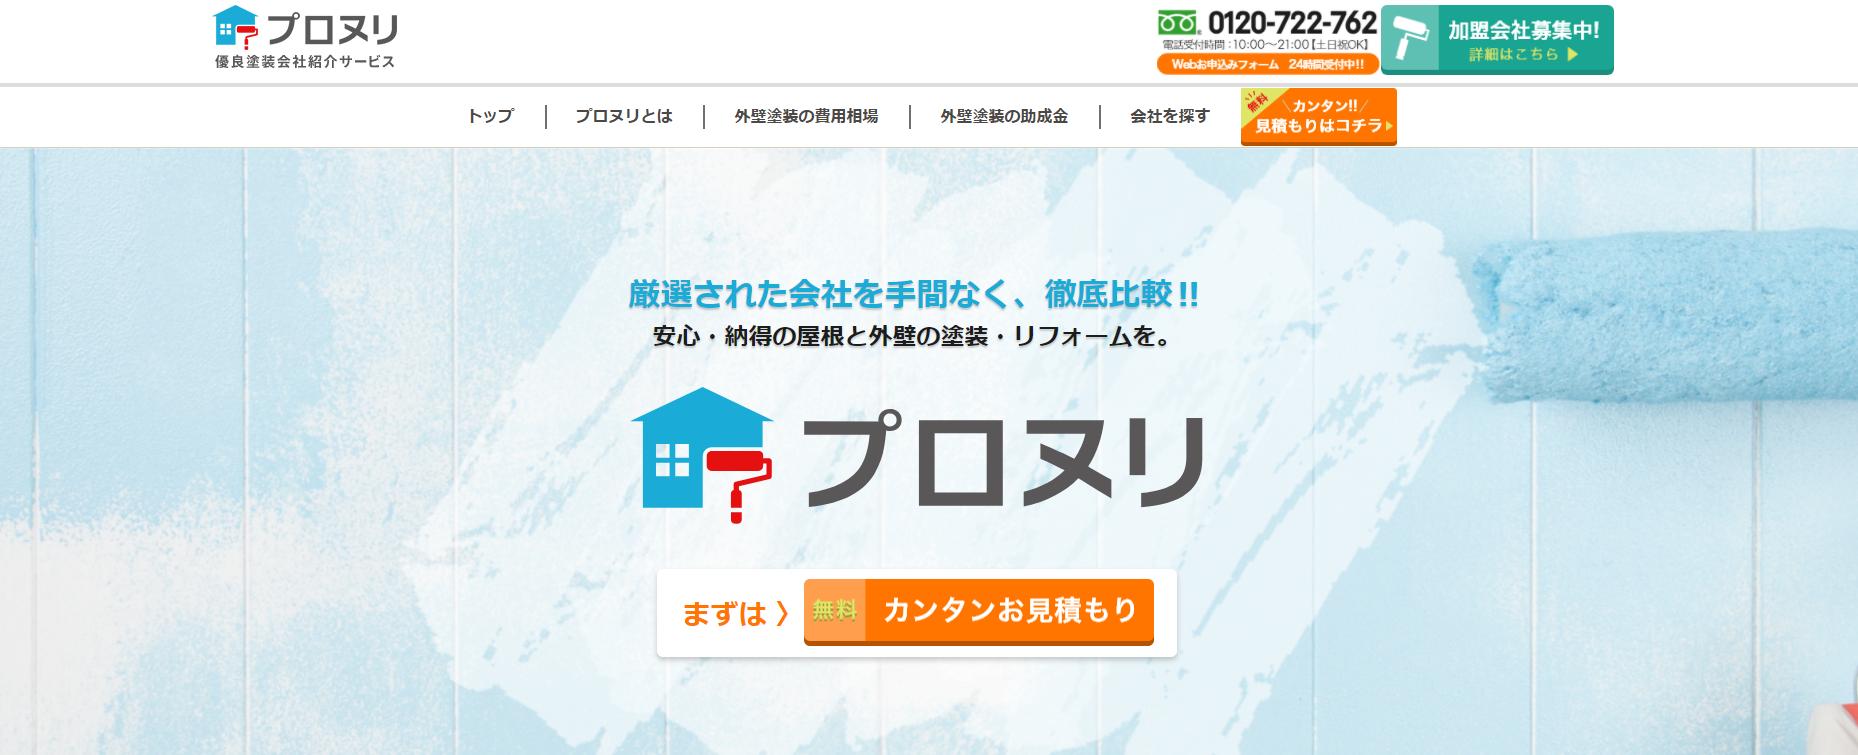 プロヌリ公式サイト